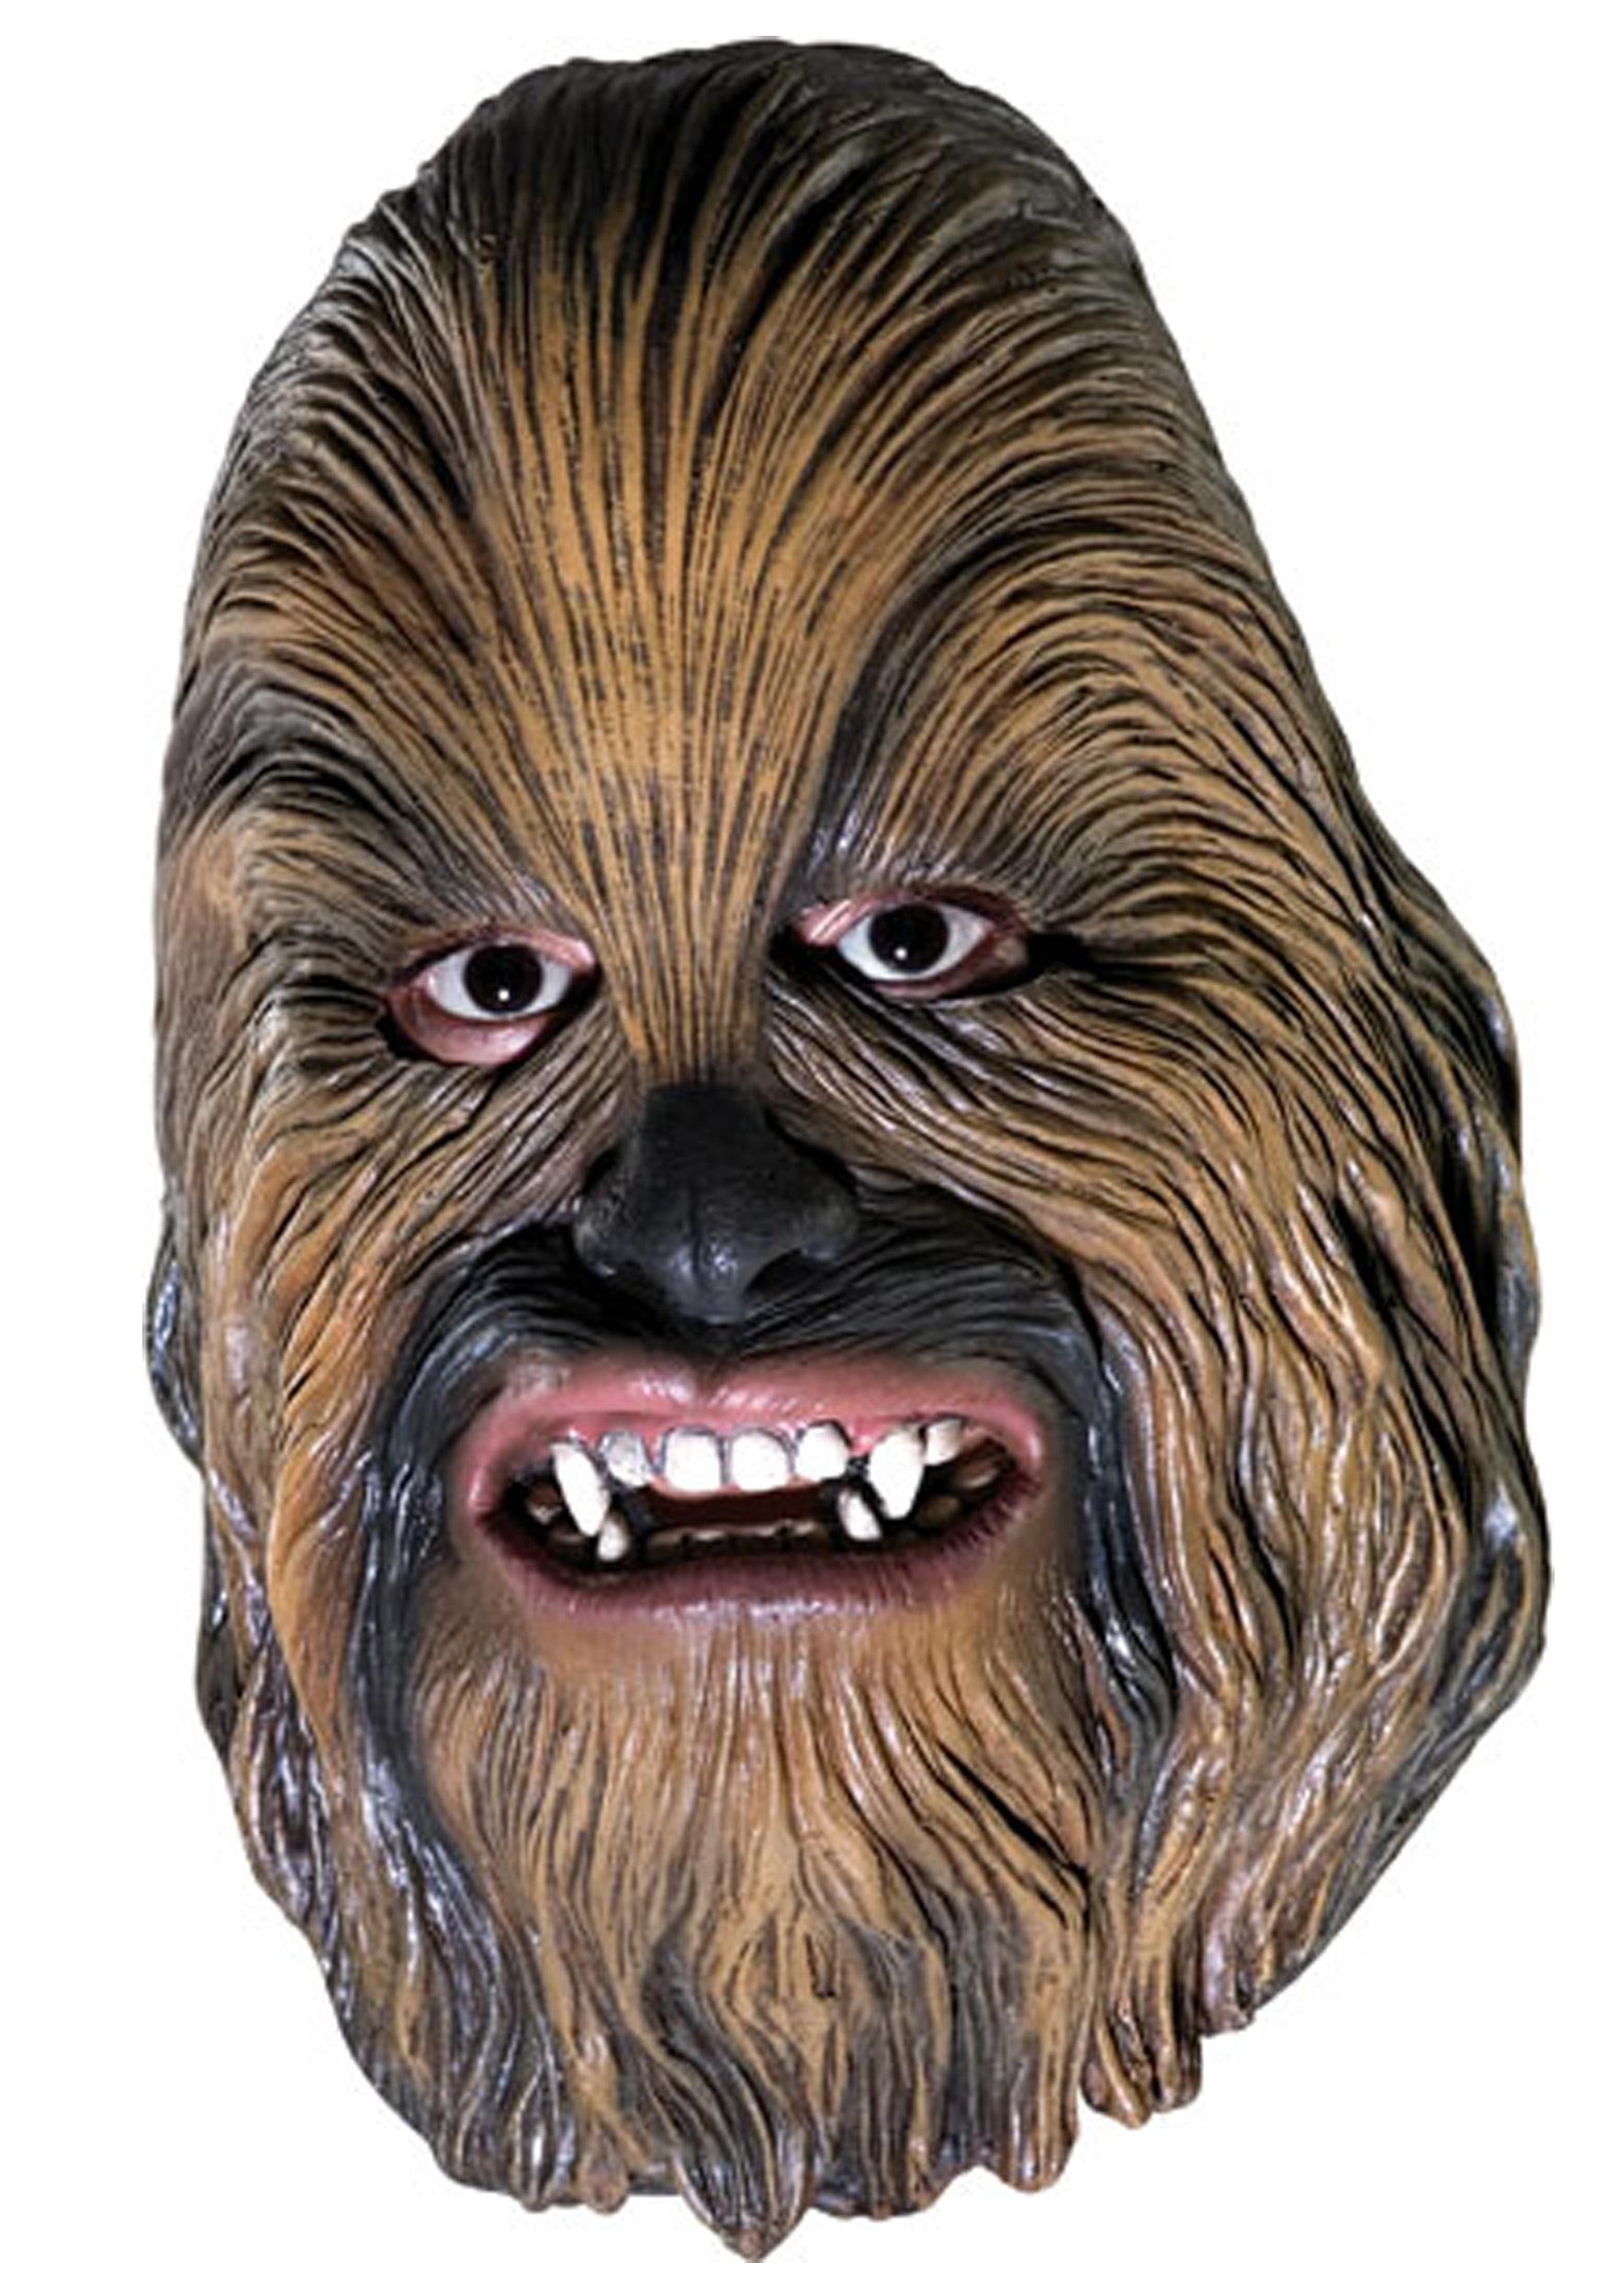 vinyl 3/4 chewbacca mask - halloween costumes